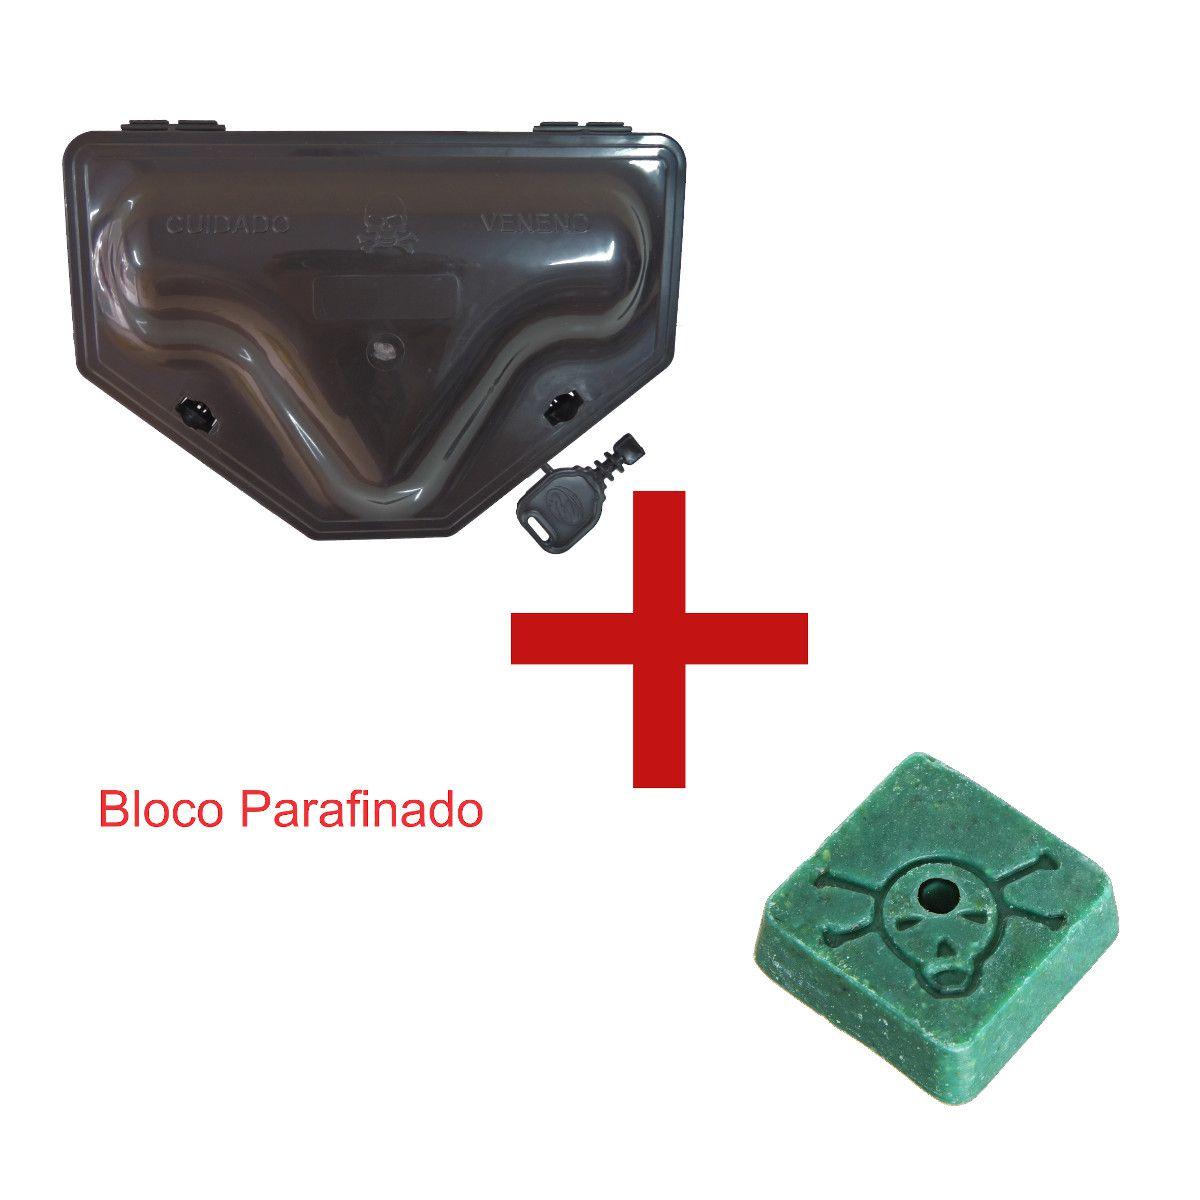 64 Porta Iscas C/ Duplo Travamento + 64 Bloco Parafinado